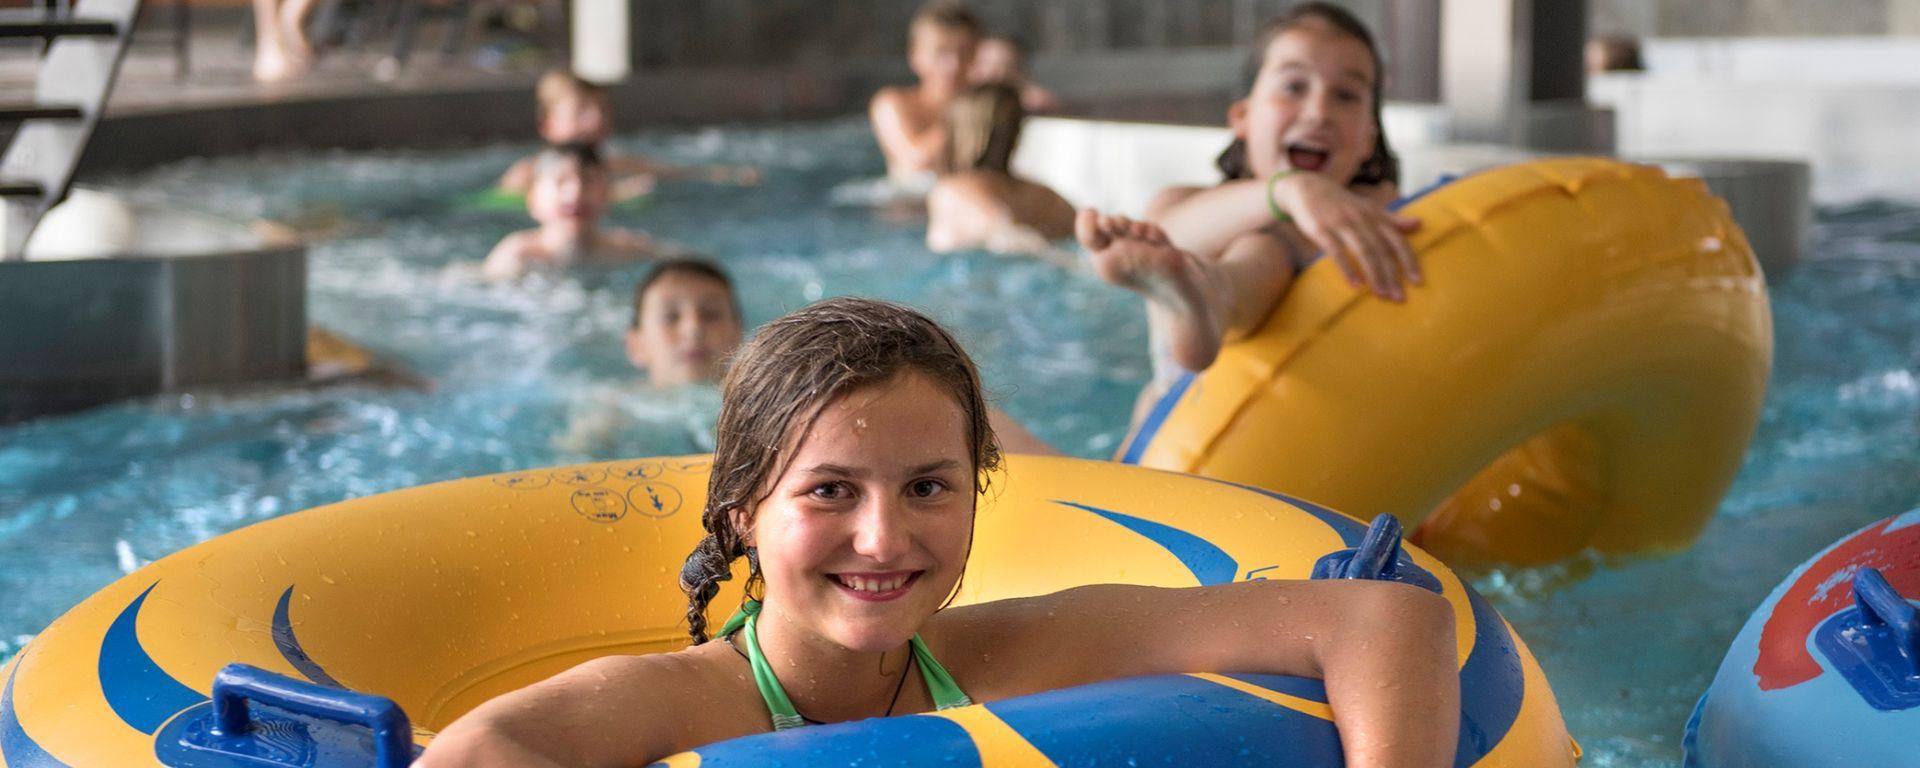 acquapark schwimmen 1.jpg